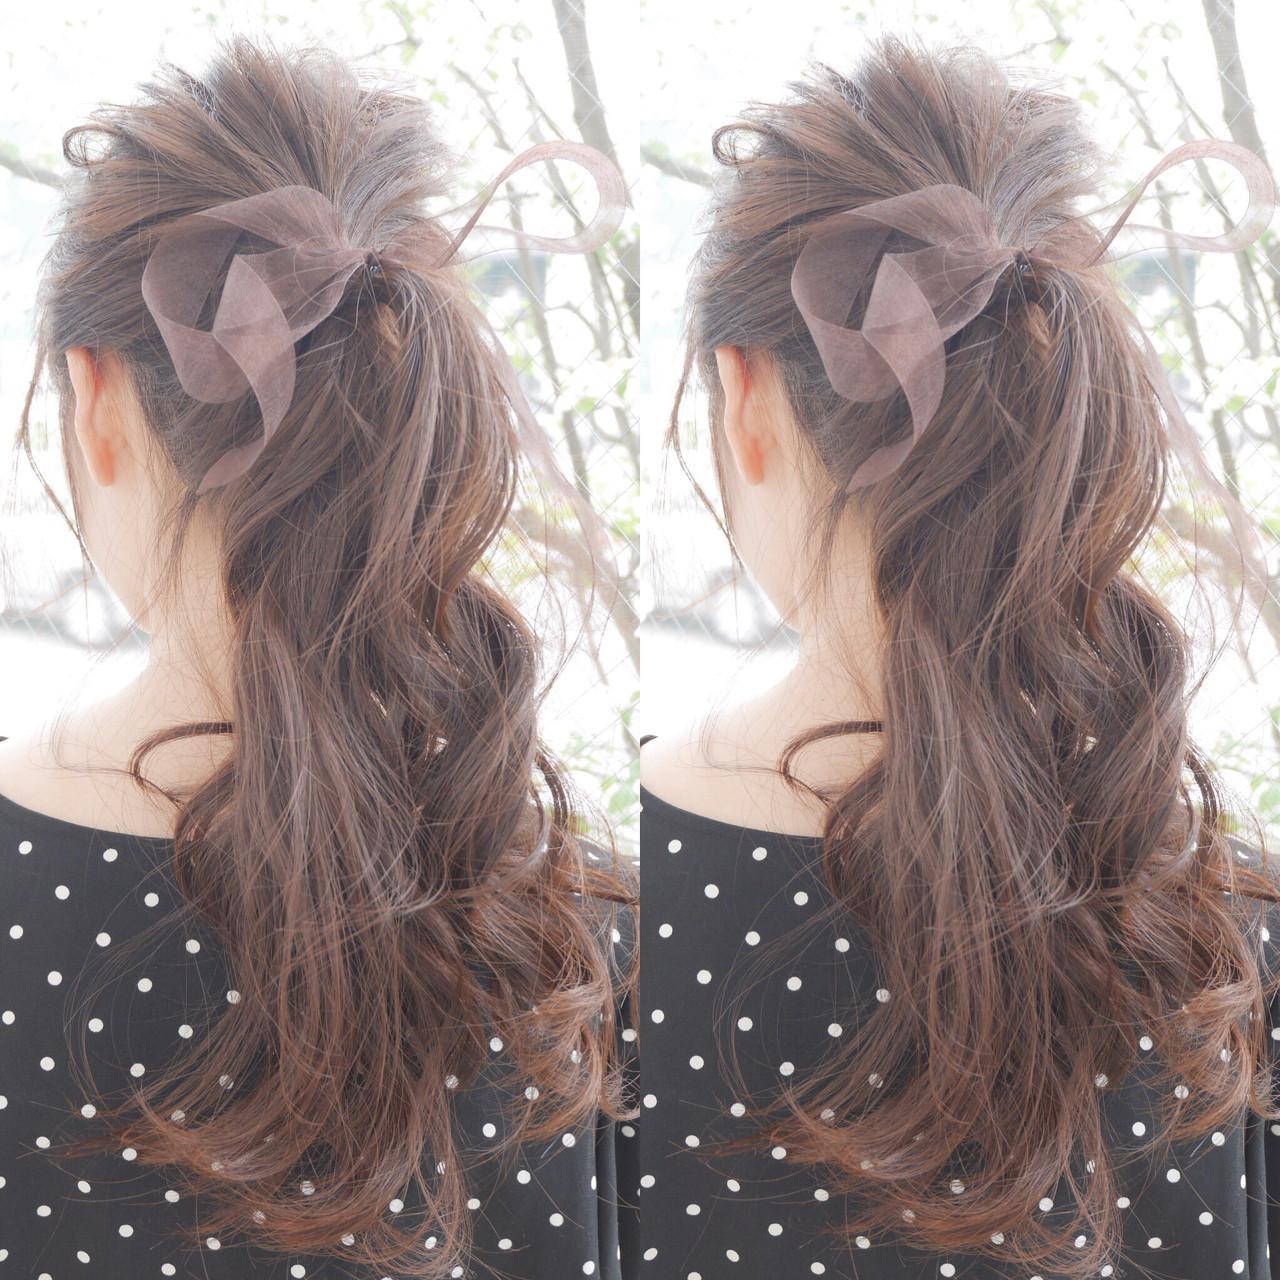 ポニーテール 簡単 ロング フェミニン ヘアスタイルや髪型の写真・画像